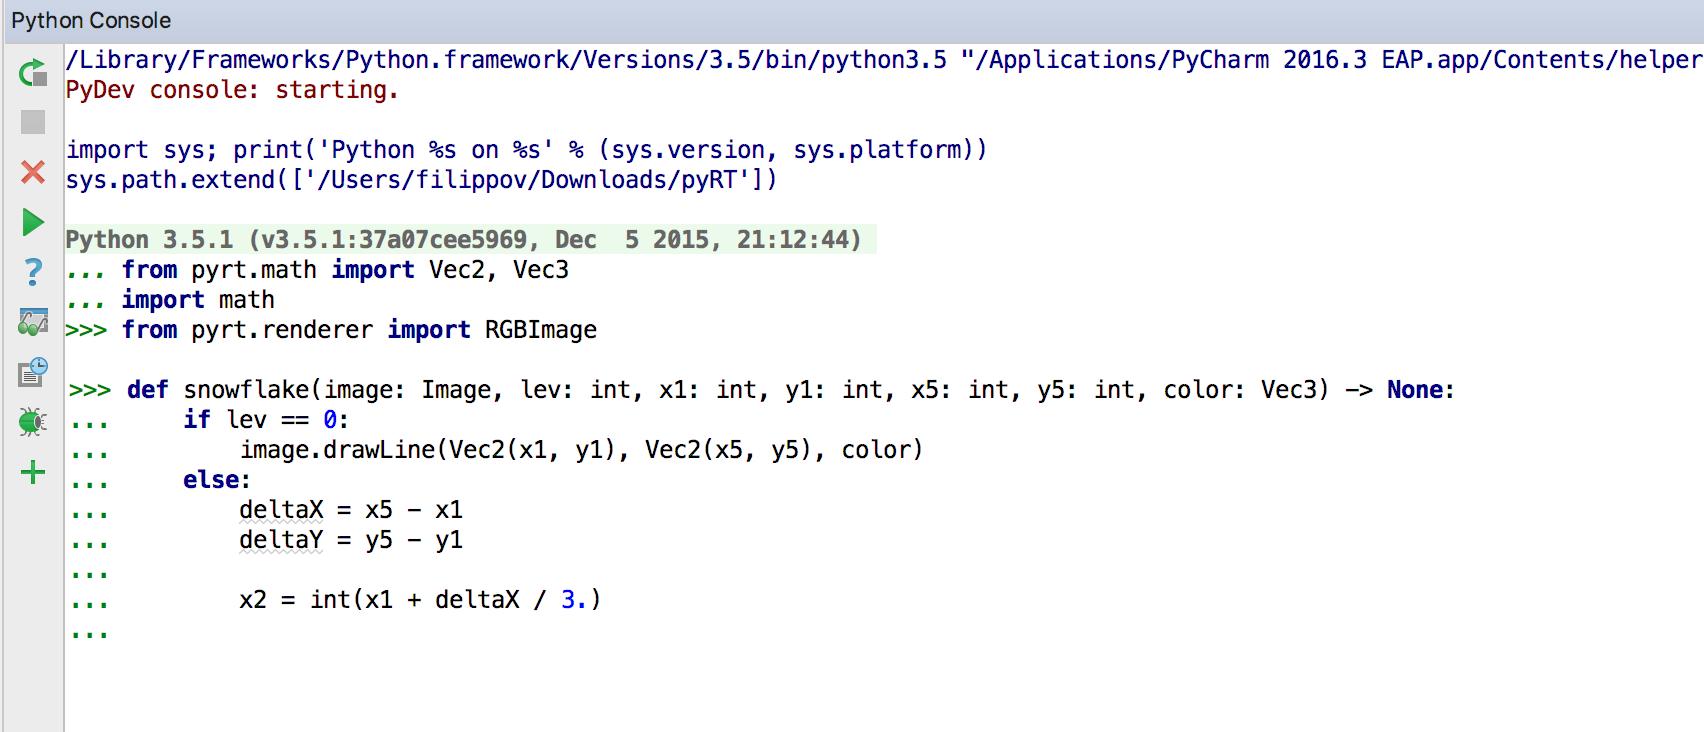 Релиз PyCharm 2016.3: Полная поддержка Python 3.6, улучшения в Python консоли, обозревателе переменных, и многое другое - 4